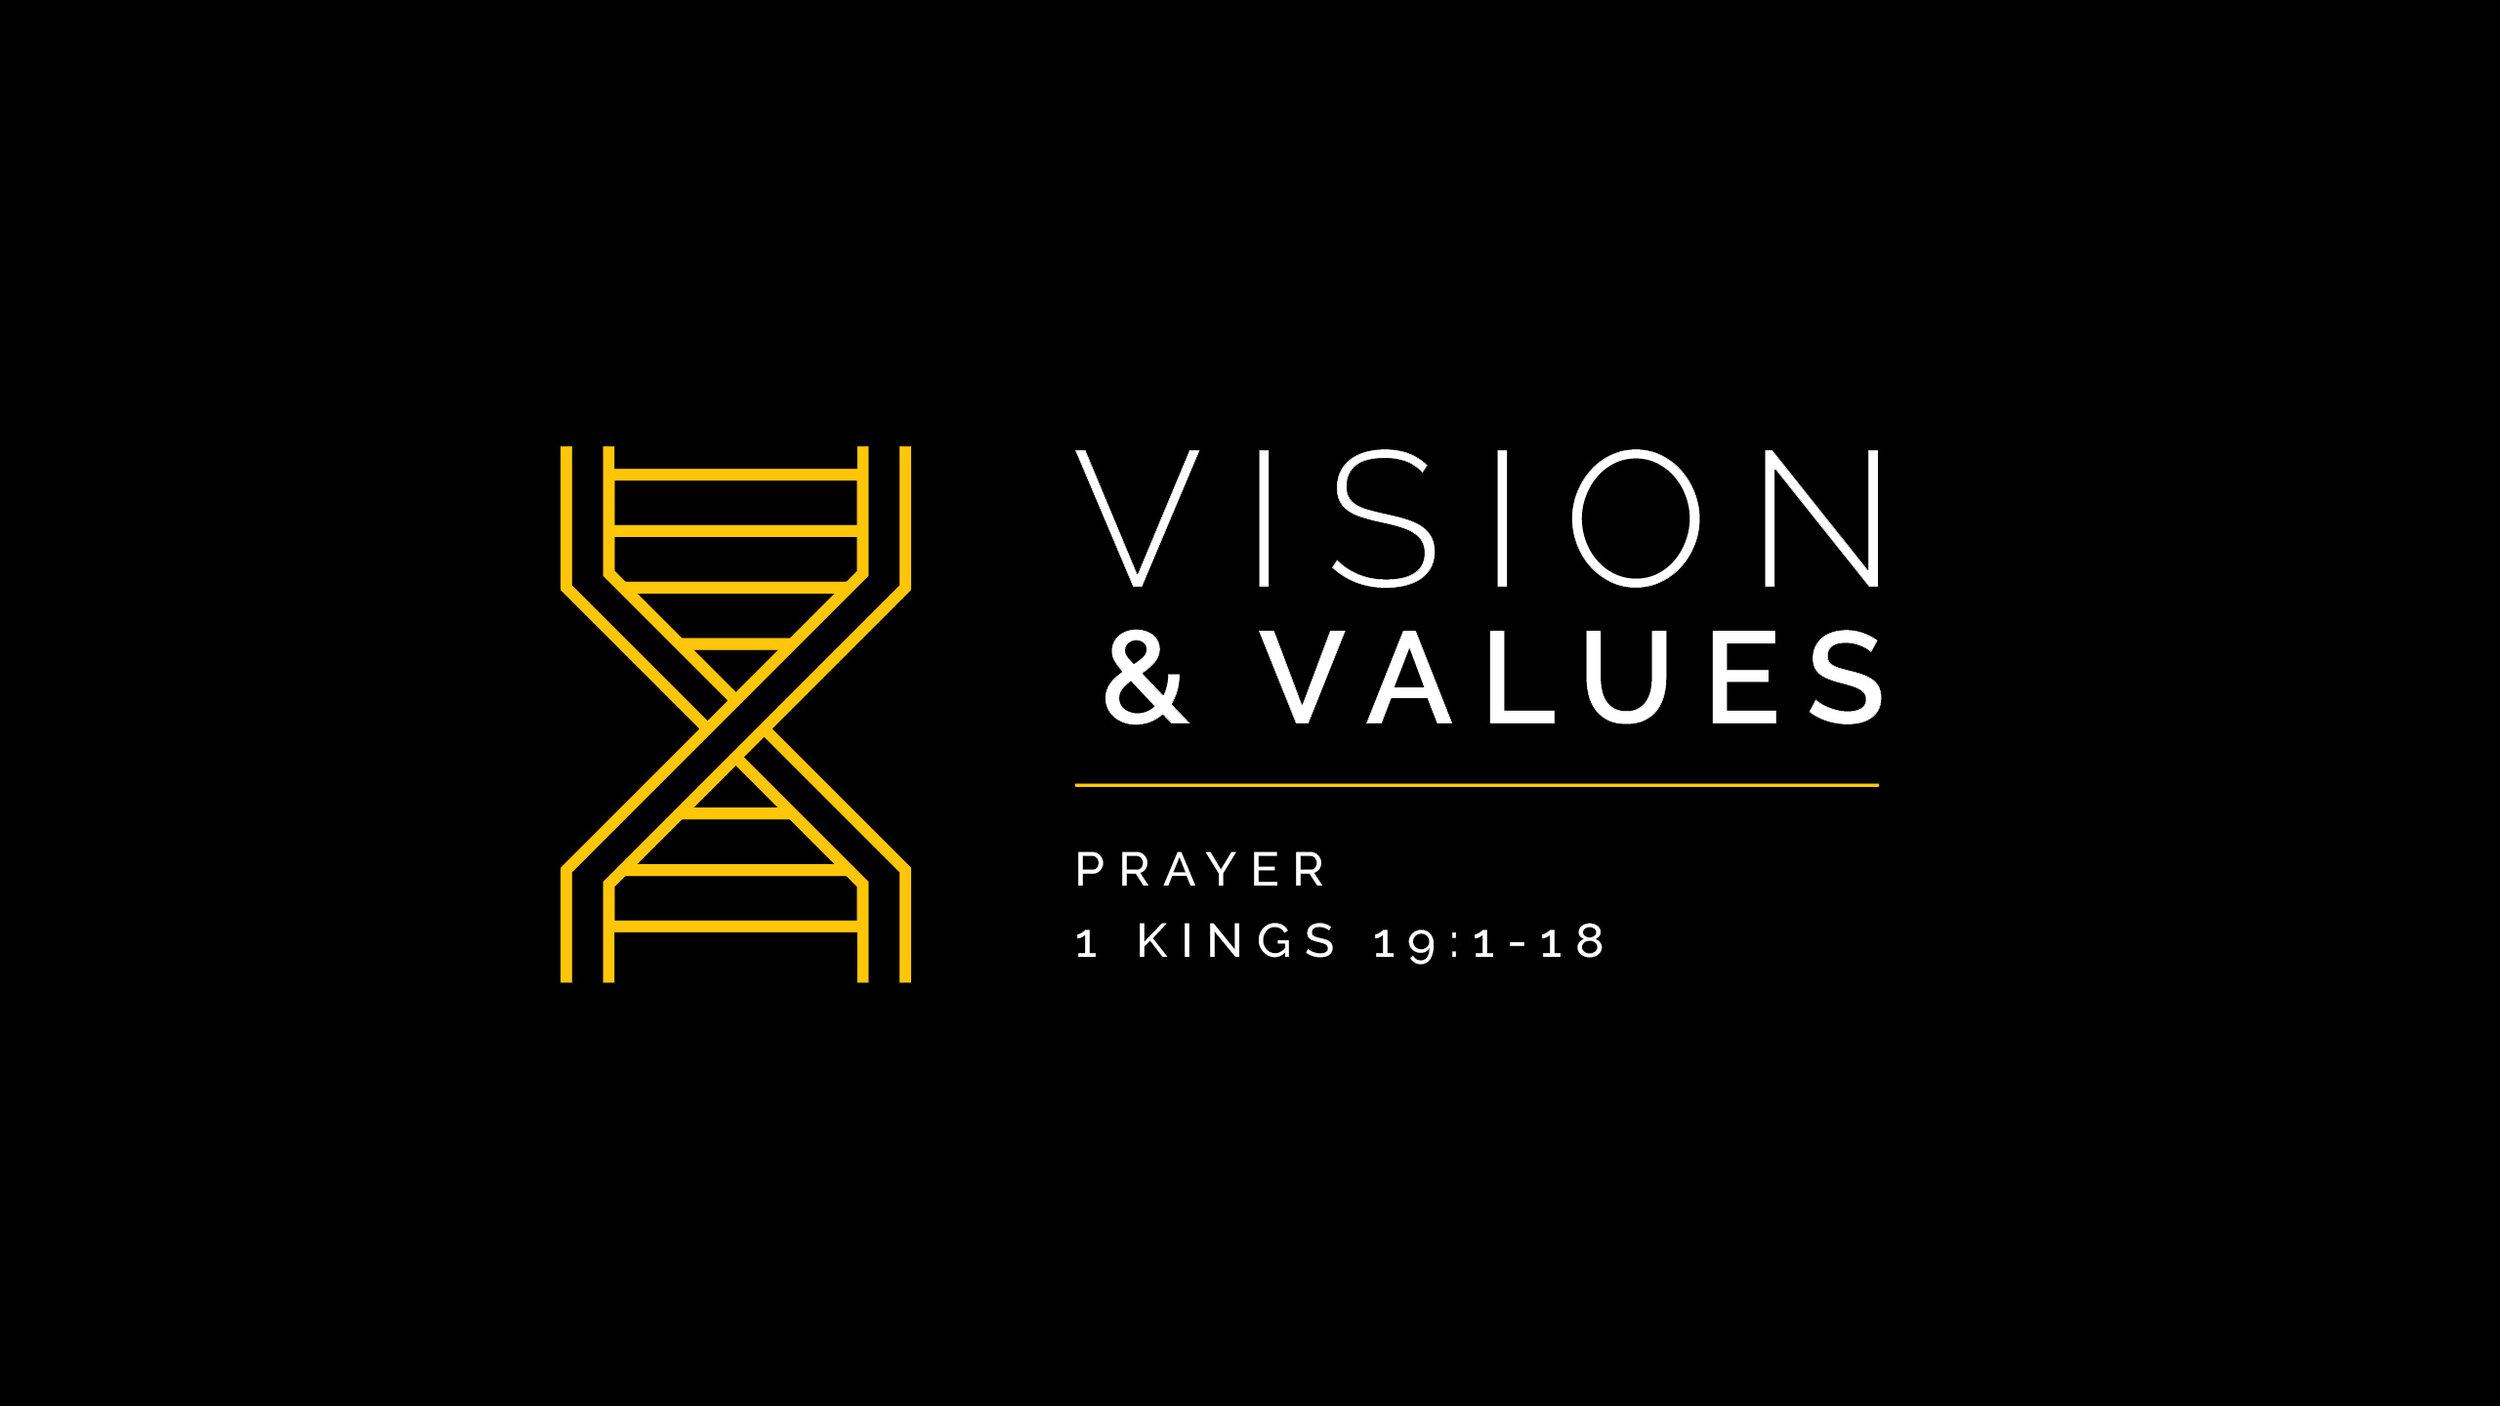 values-prayer.jpg